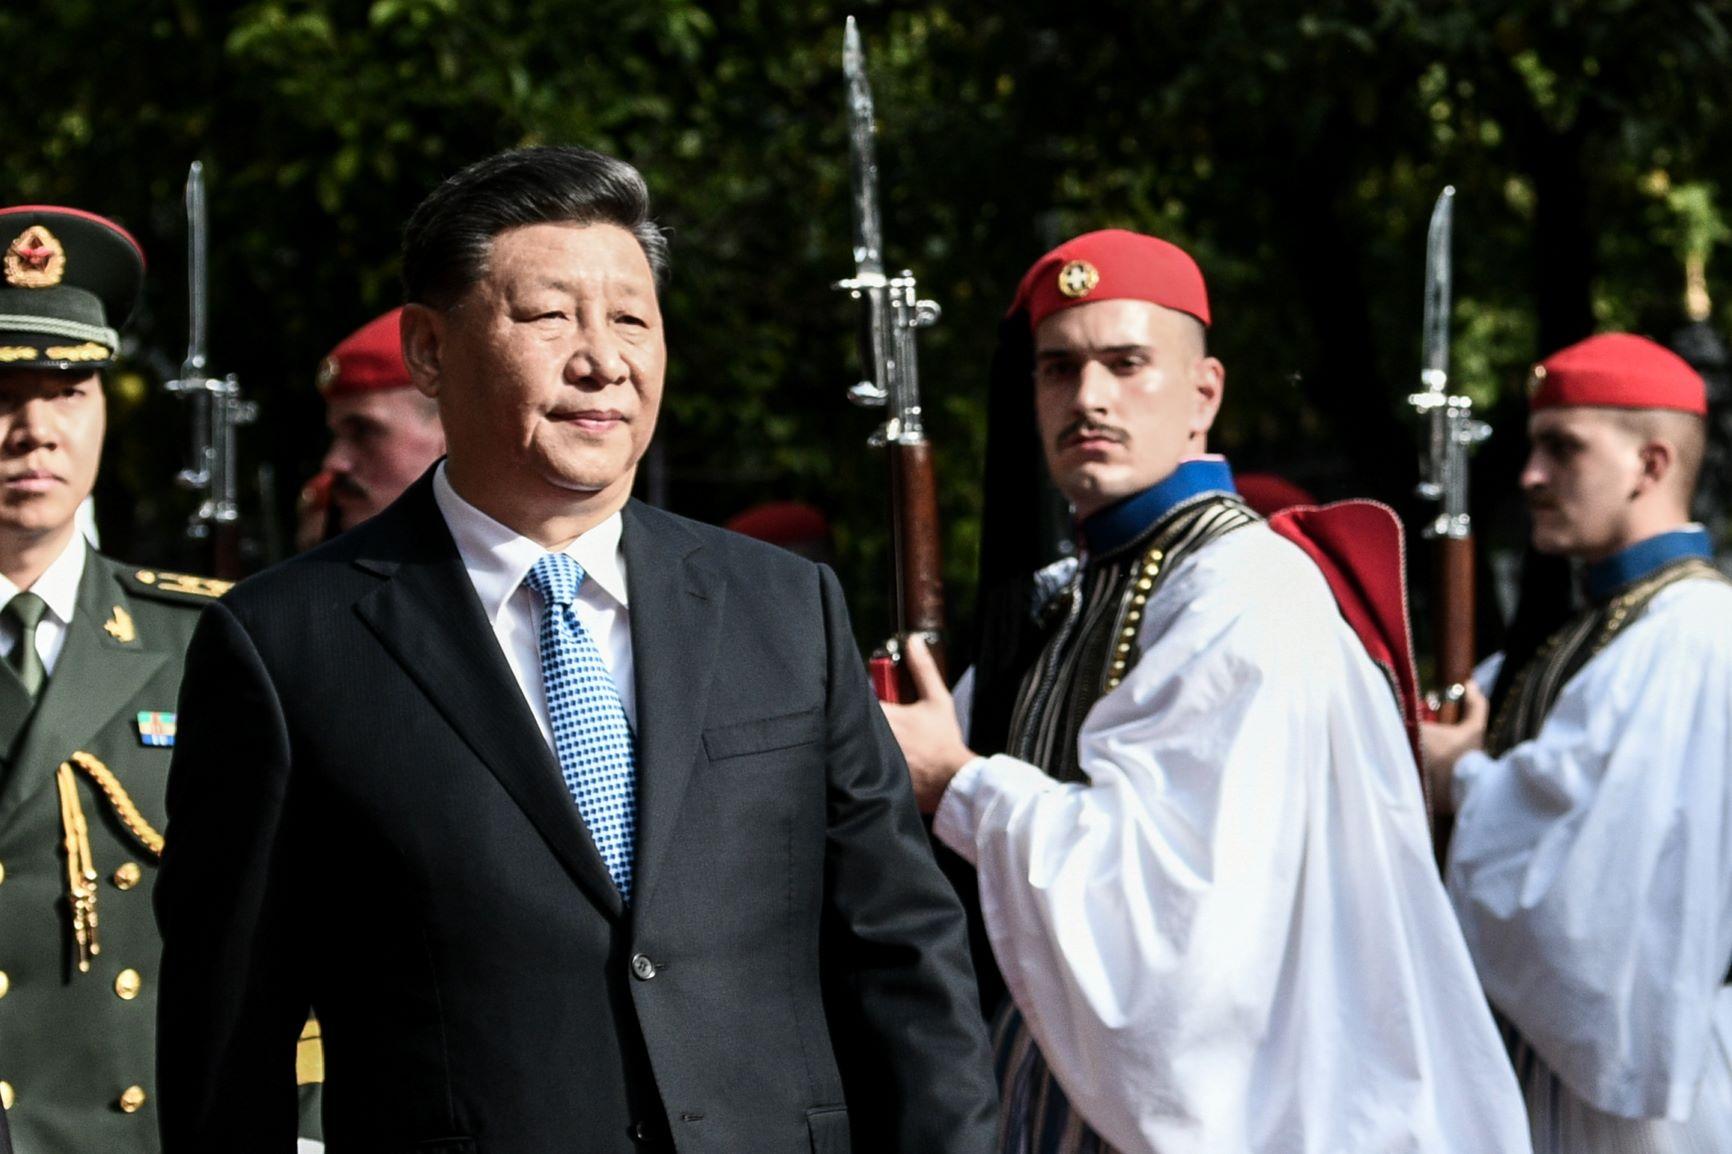 Η επιβολή του νόμου και της τάξης επισκίασε την επίσκεψη Σι Τζινπίνγκ